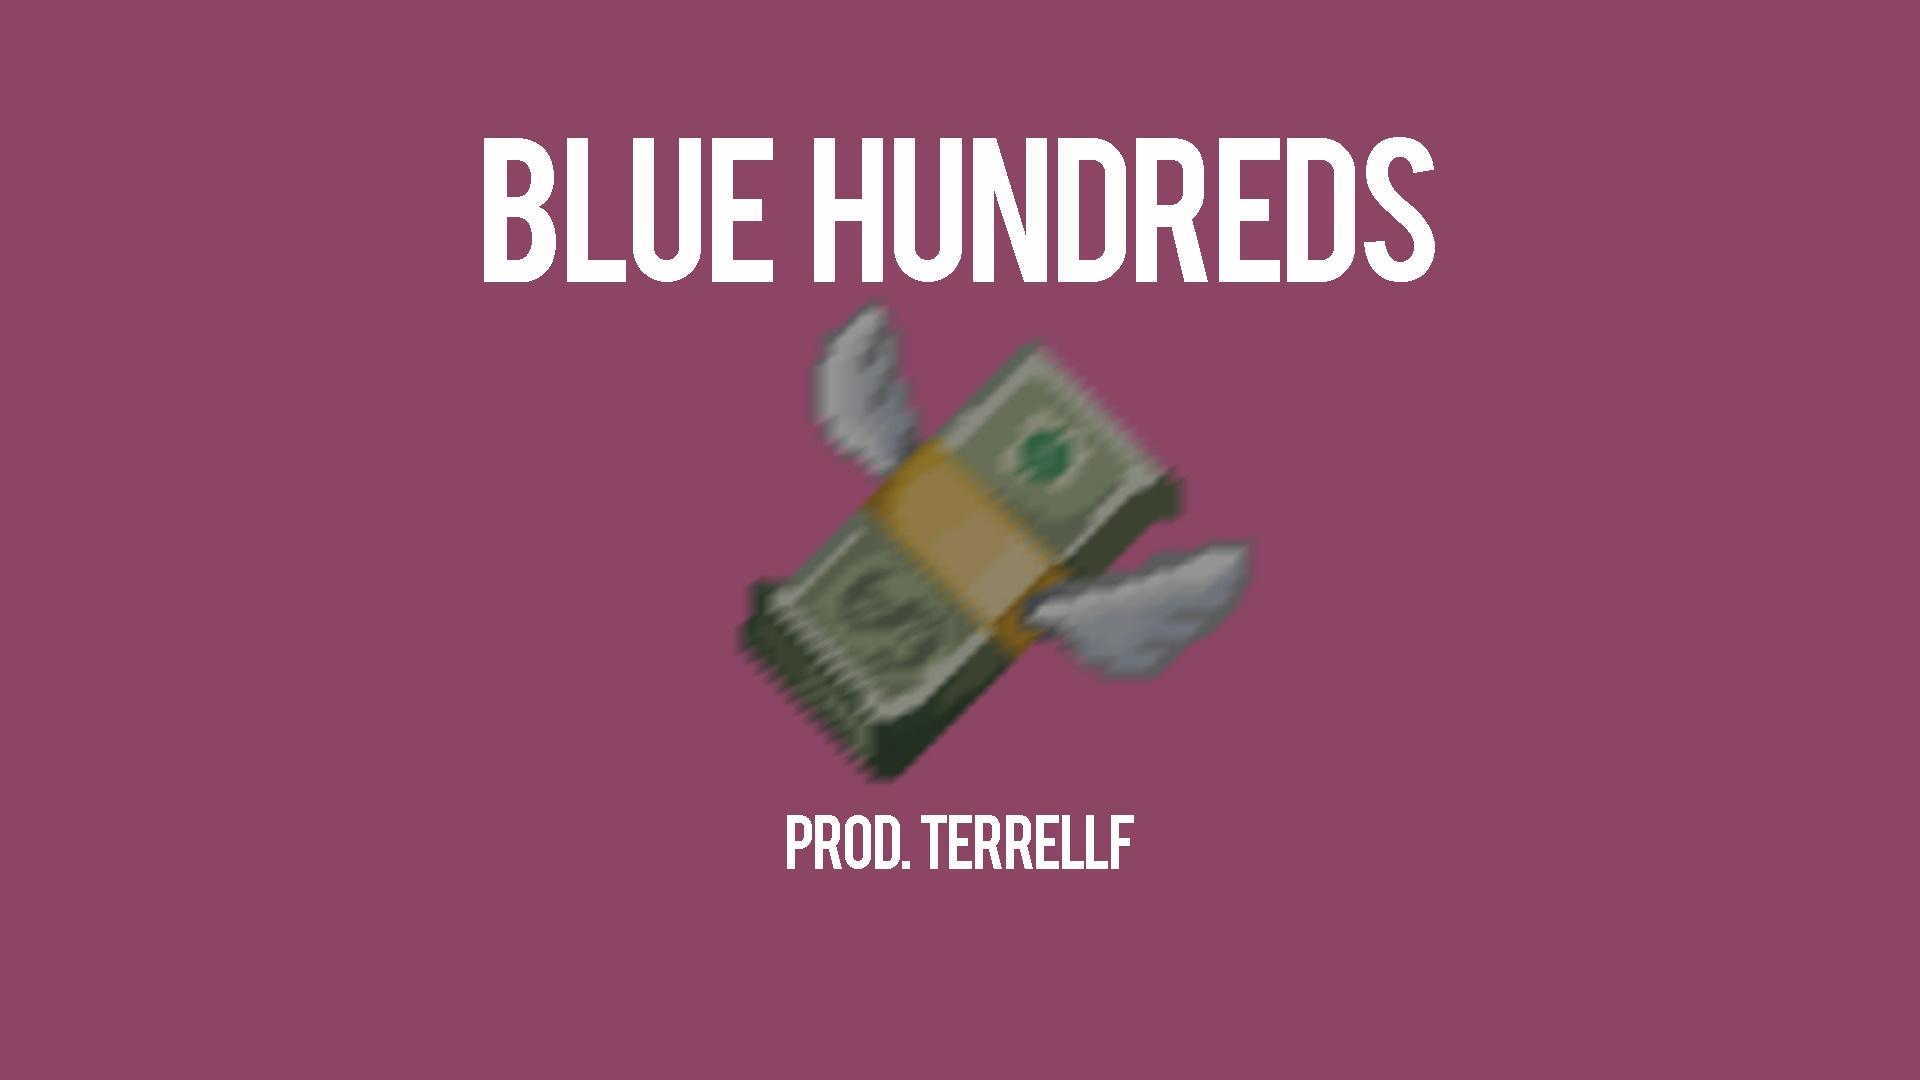 BlueHundreds(Prod. Terrell F)